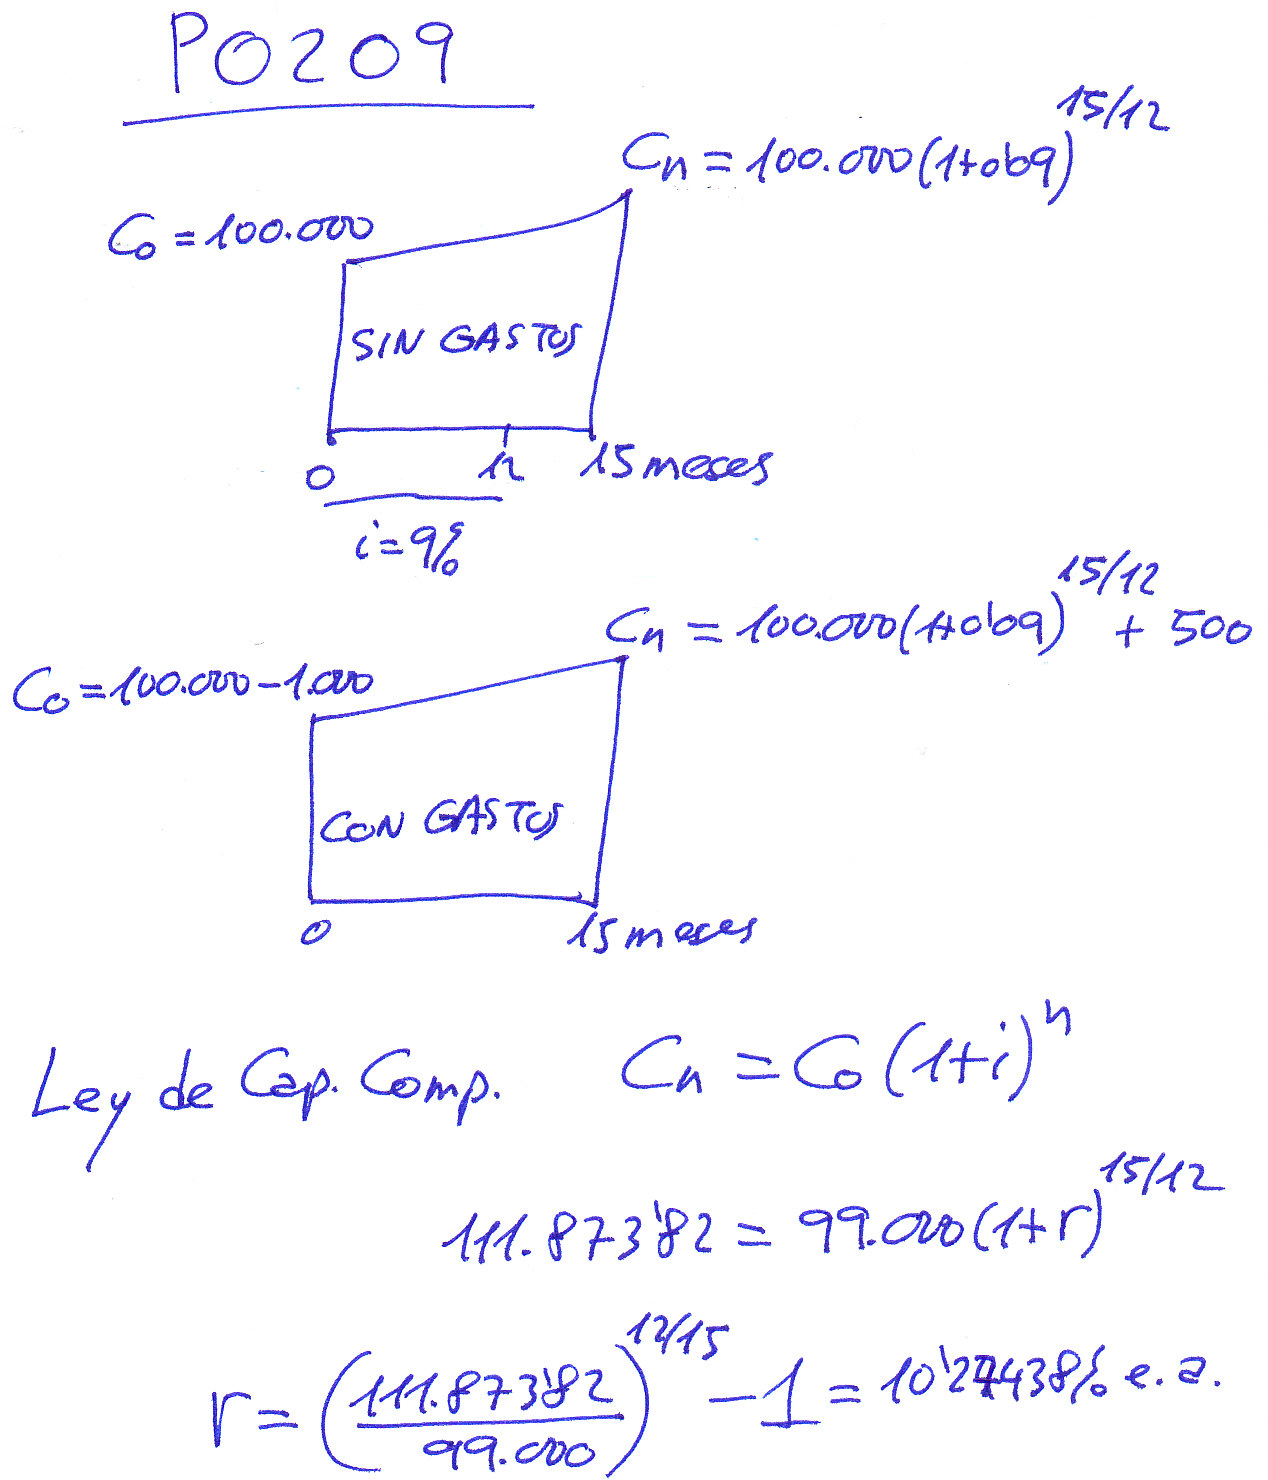 prestamo simple bcp